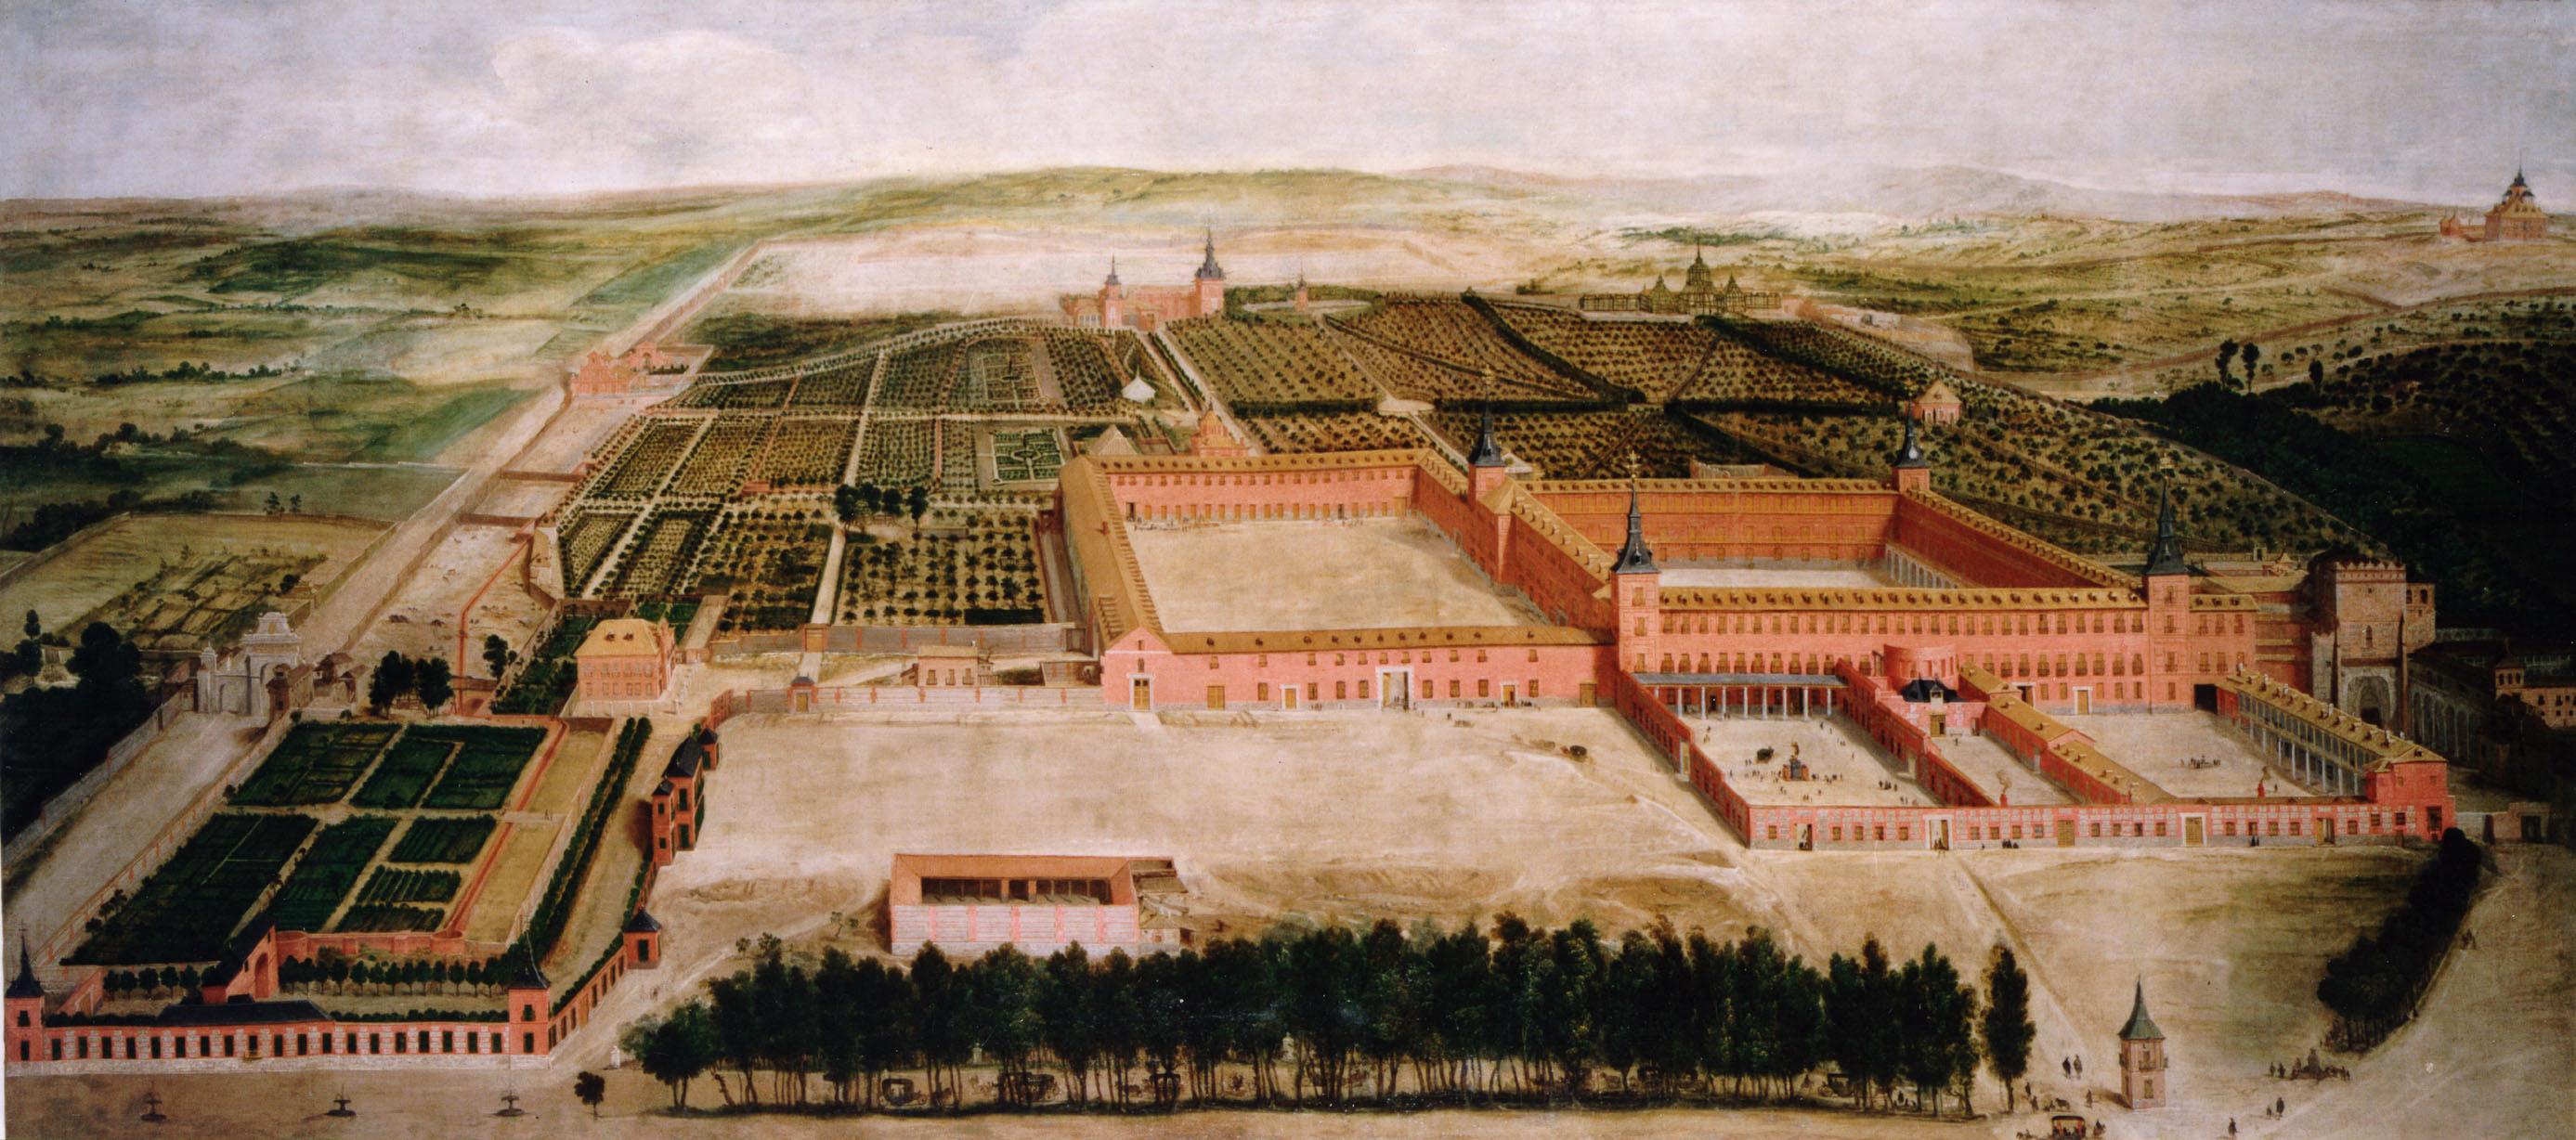 El Palacio del Buen Retiro, un capricho para las artes